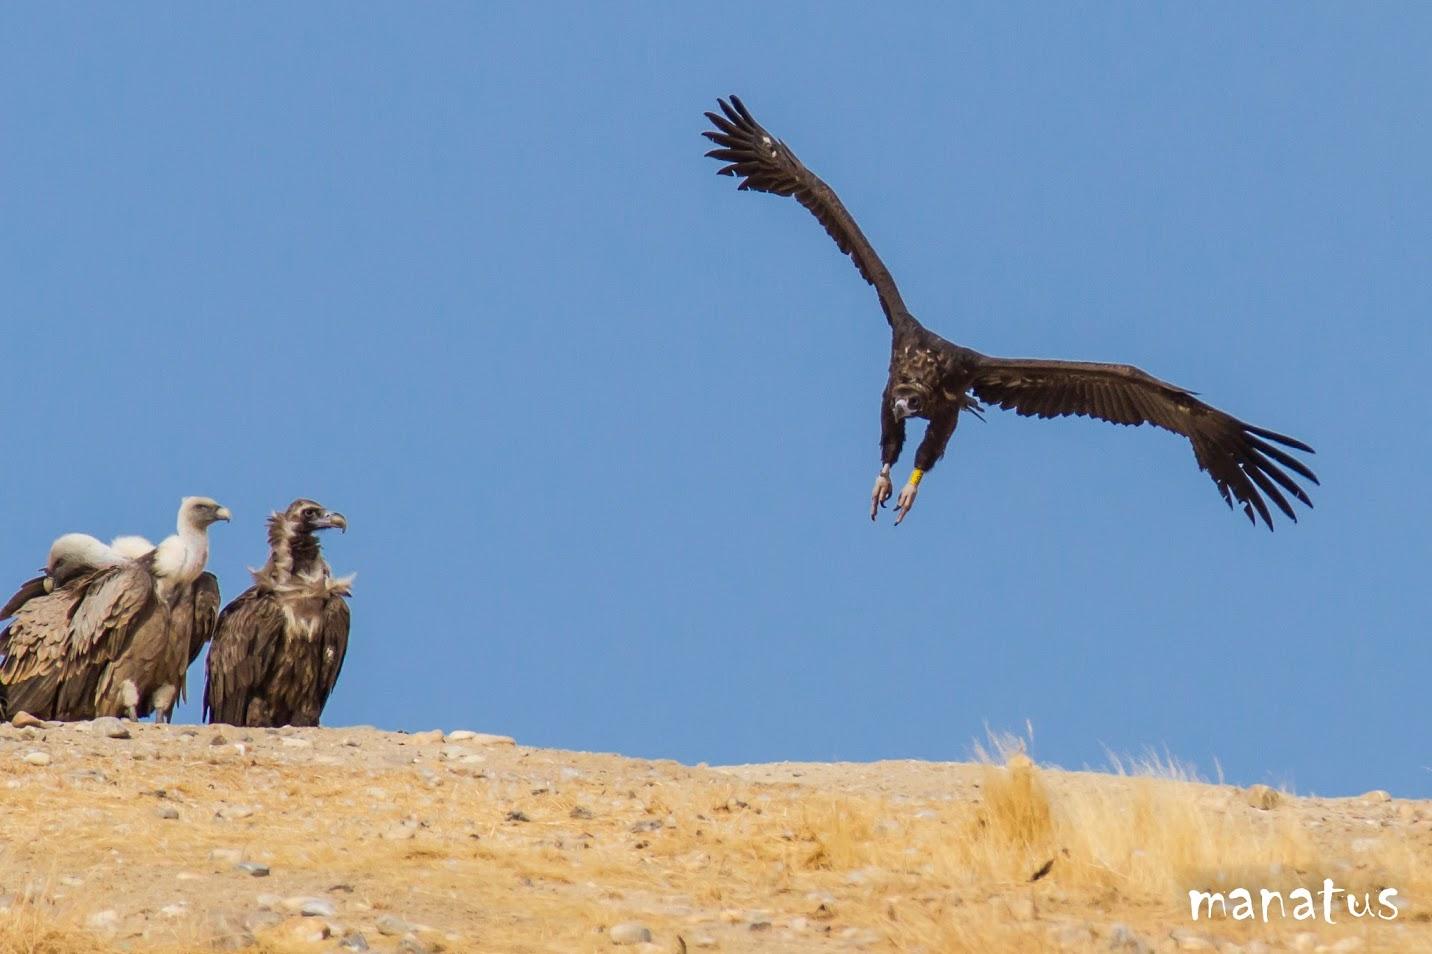 manatus buitre negro aterrizando